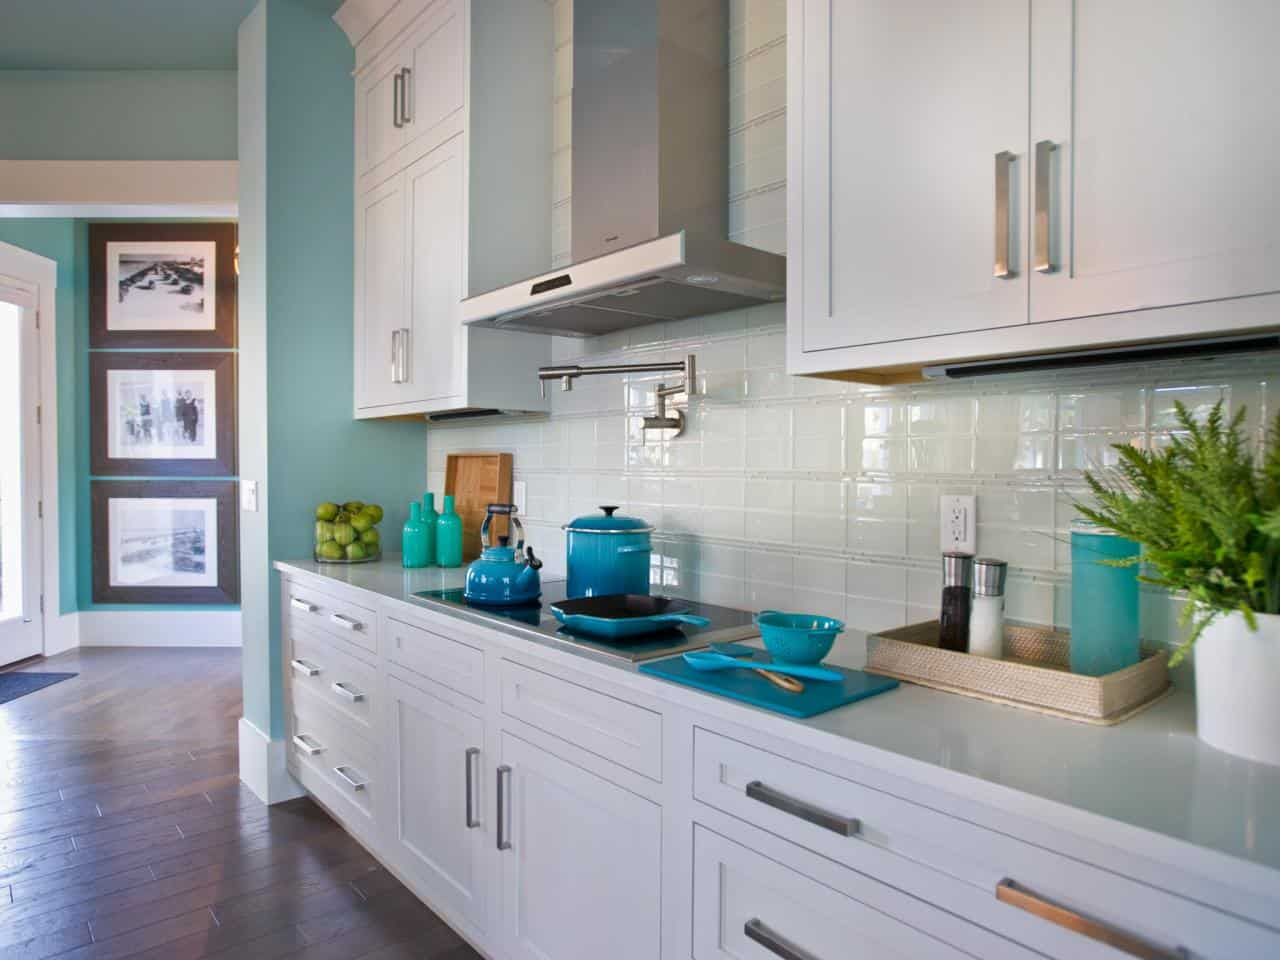 impressive_green_glass_tile_kitchen_backsplash_87_blue_green_glass_tile_backsplash__glass_tile_backsplash_ideas